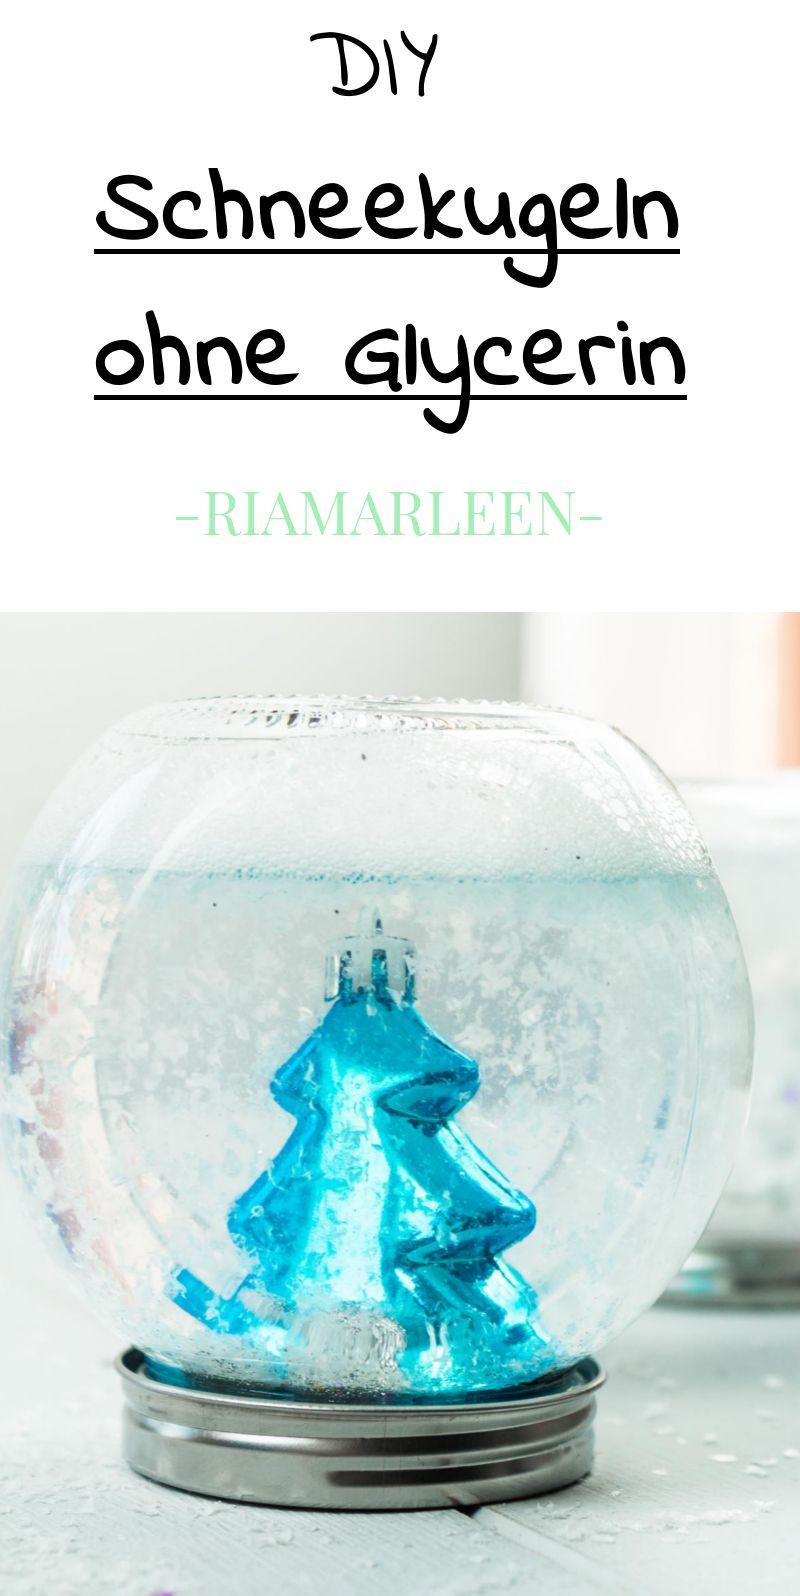 DIY Schneekugeln ohne Glycerin basteln - günstige Geschenkidee | DIY ...